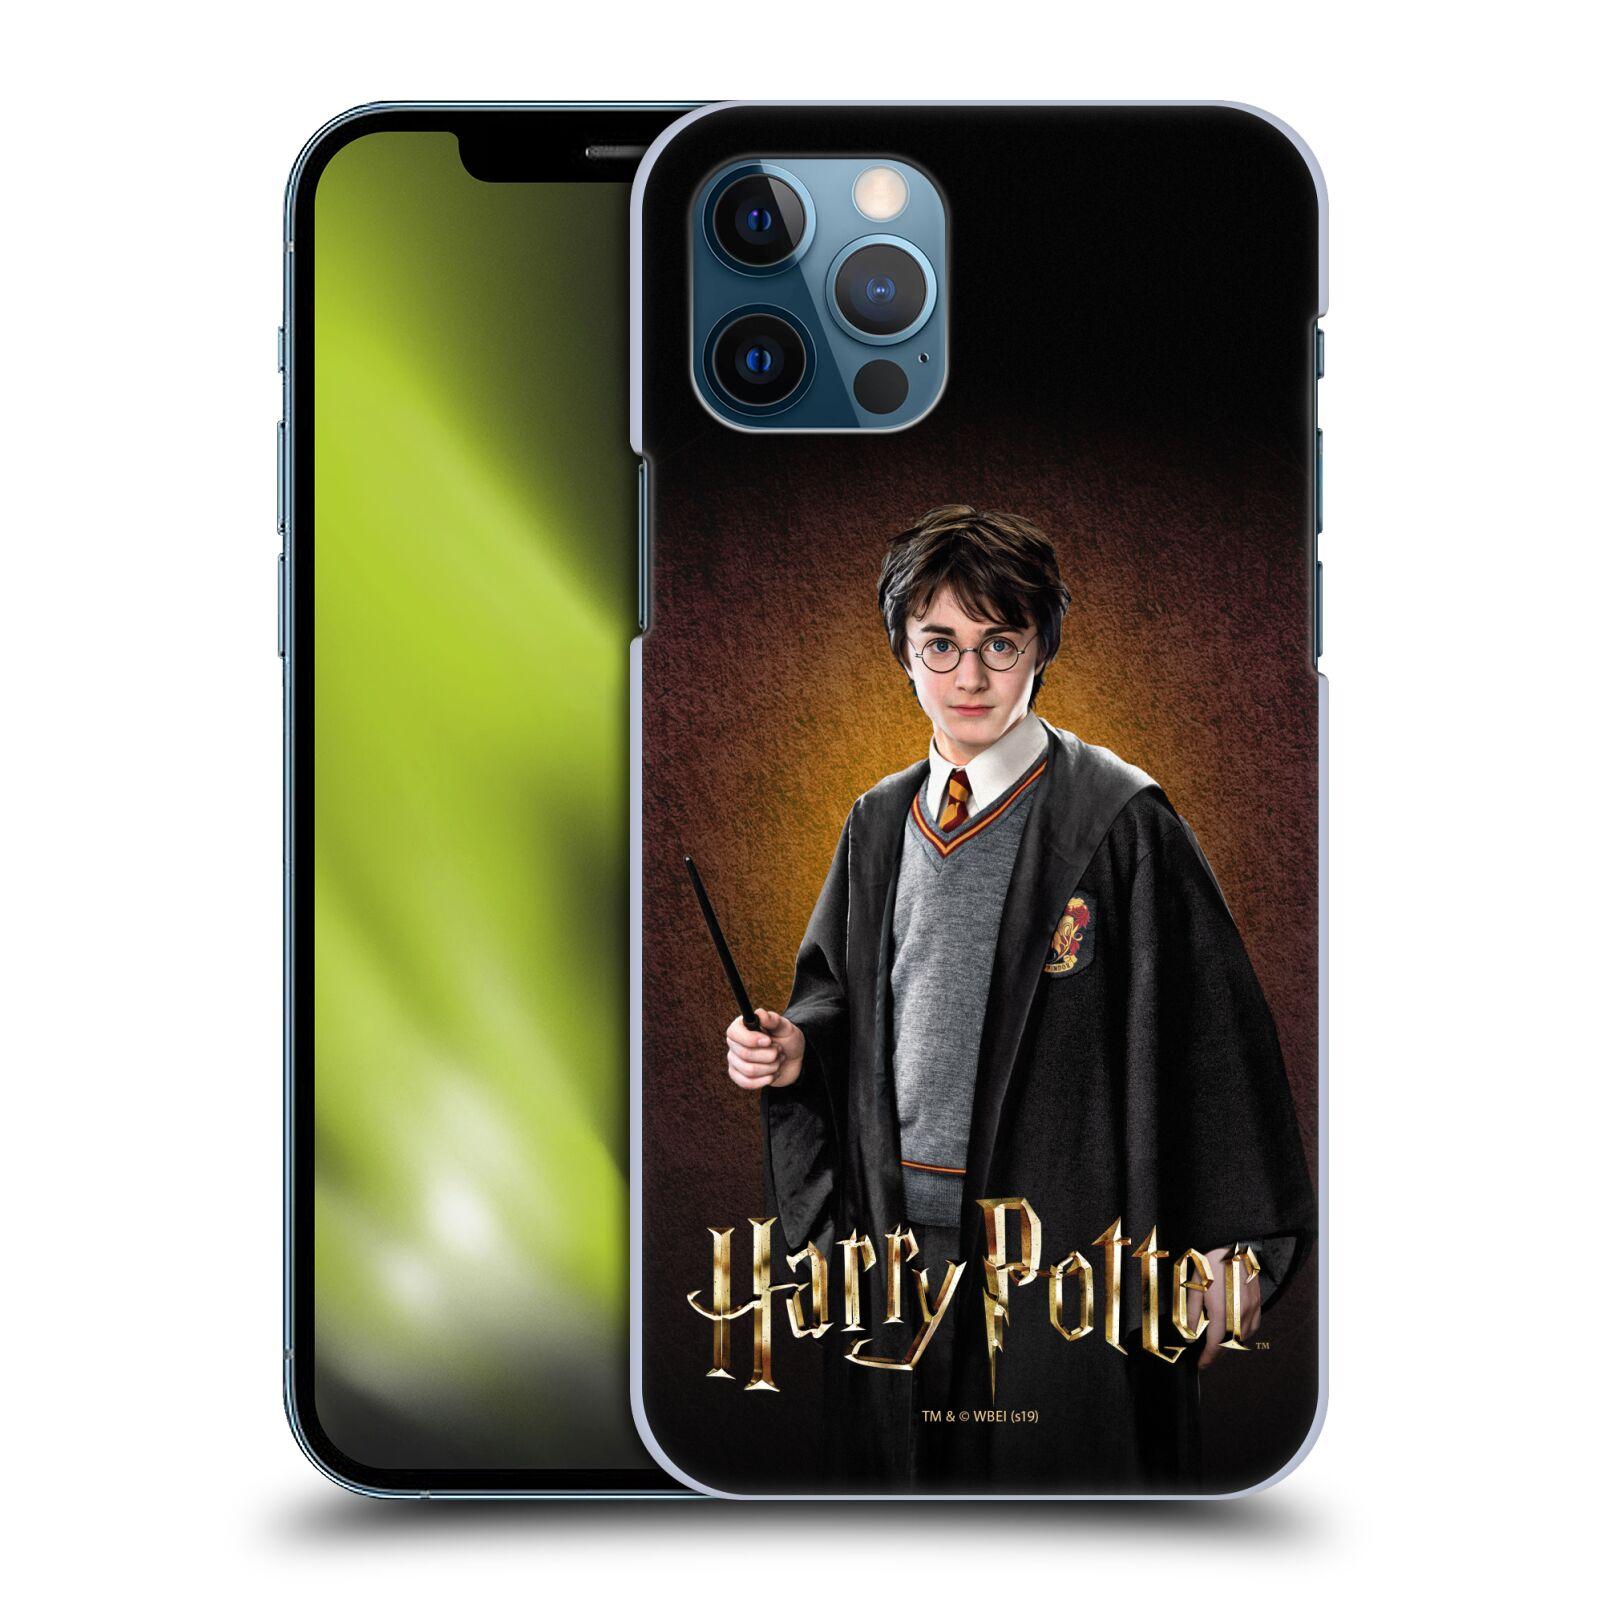 Plastové pouzdro na mobil Apple iPhone 12 / 12 Pro - Harry Potter - Malý Harry Potter